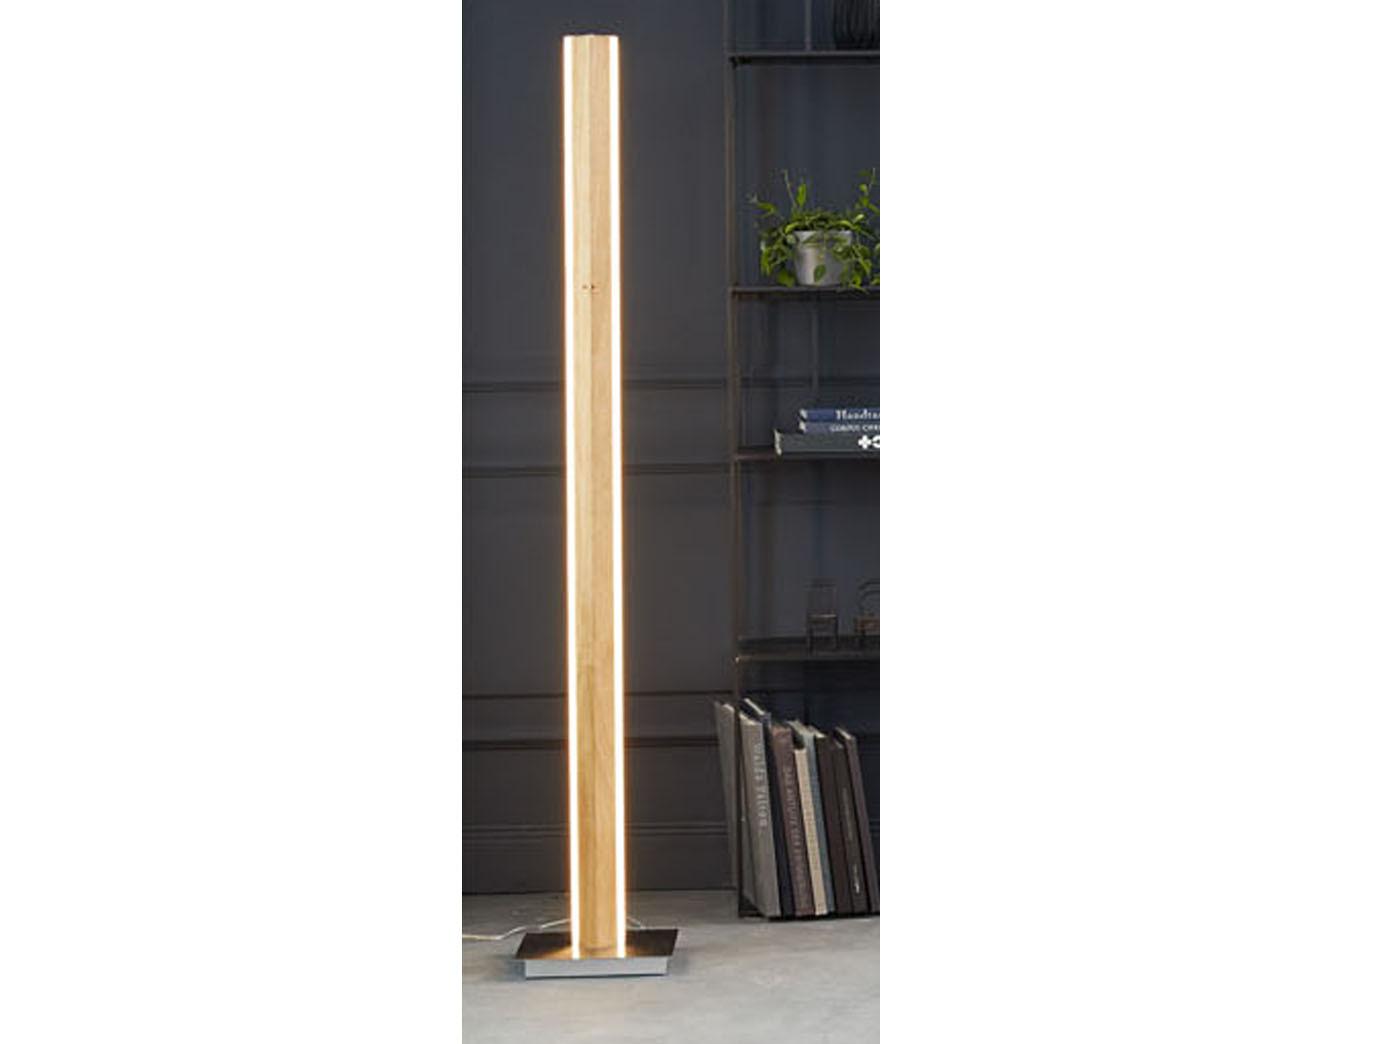 Led Stehleuchte Design Holz Eicheoptik Mit Dimmer Farbwechsel